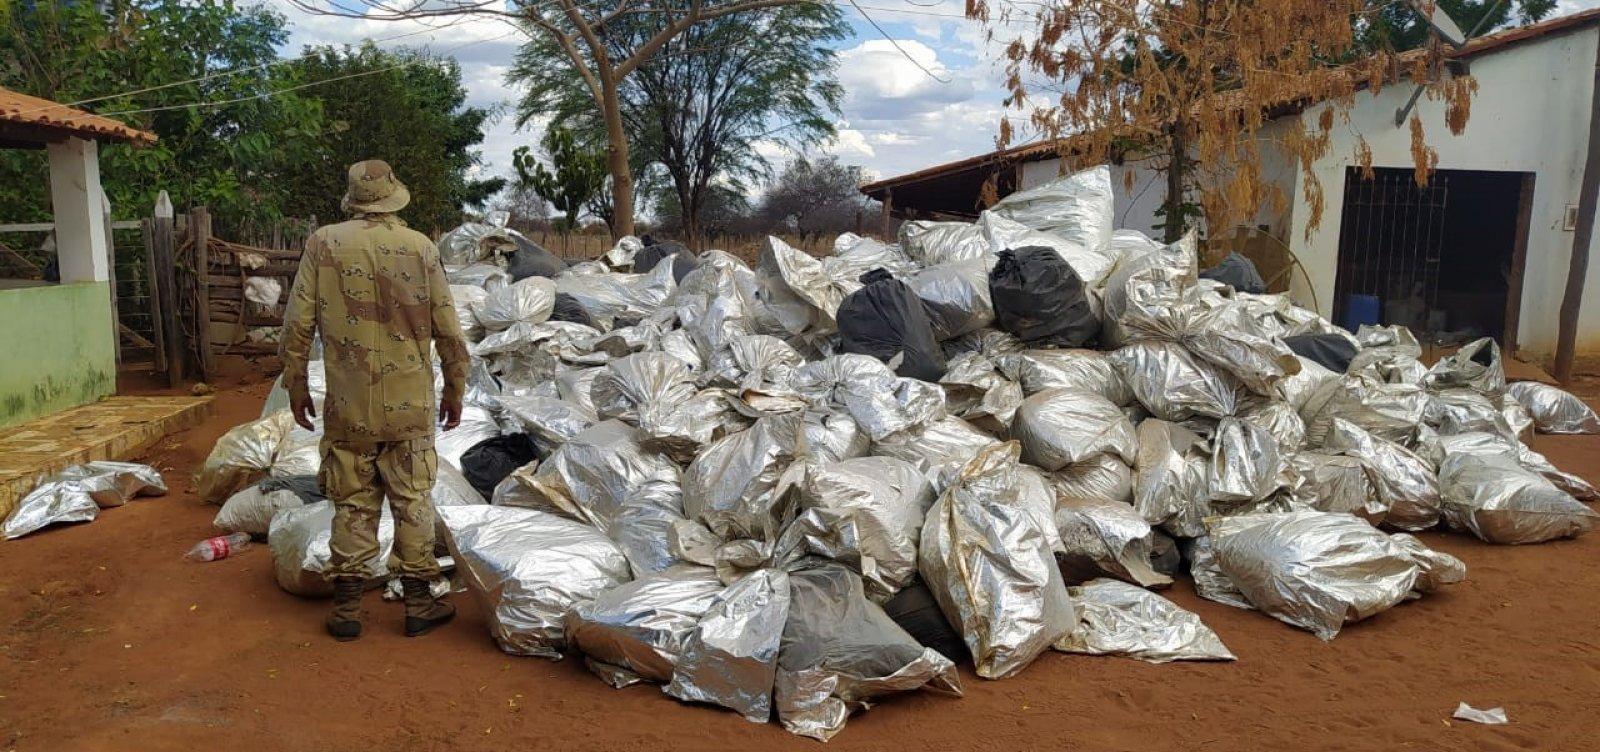 PM apreende mais de 8 toneladas de maconha no interior baiano